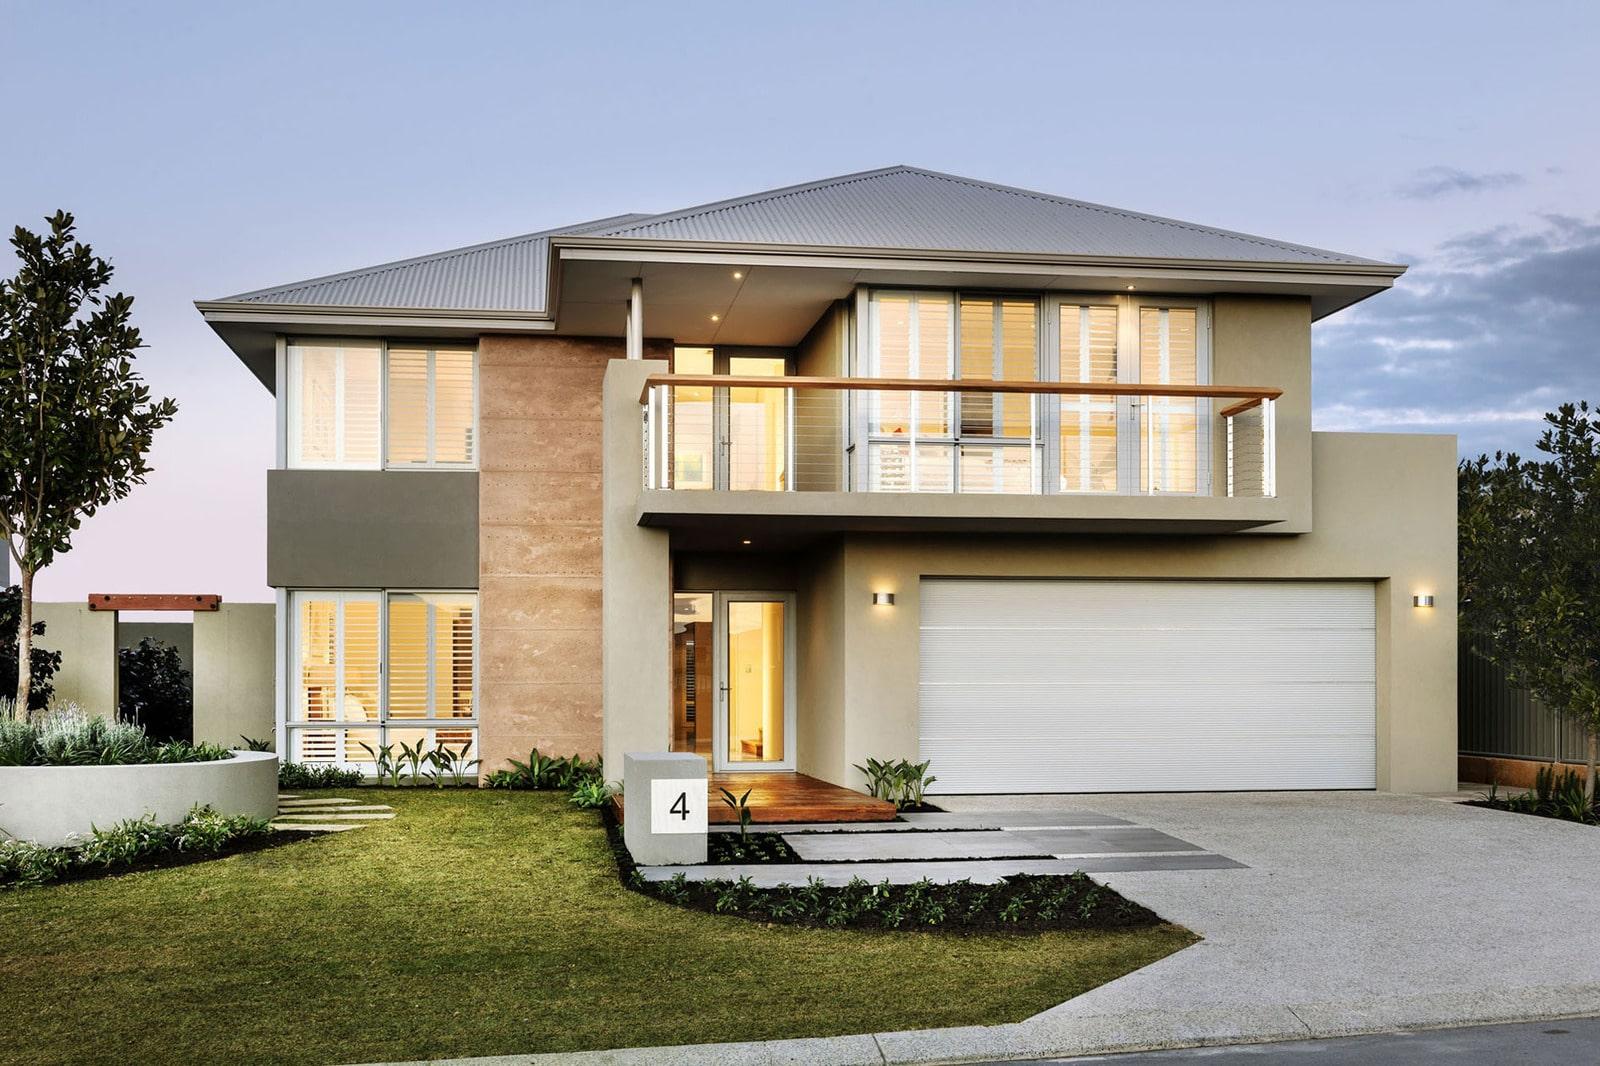 Dise o de casa moderna de dos pisos fachada e interiores for Disenos para frentes de casas